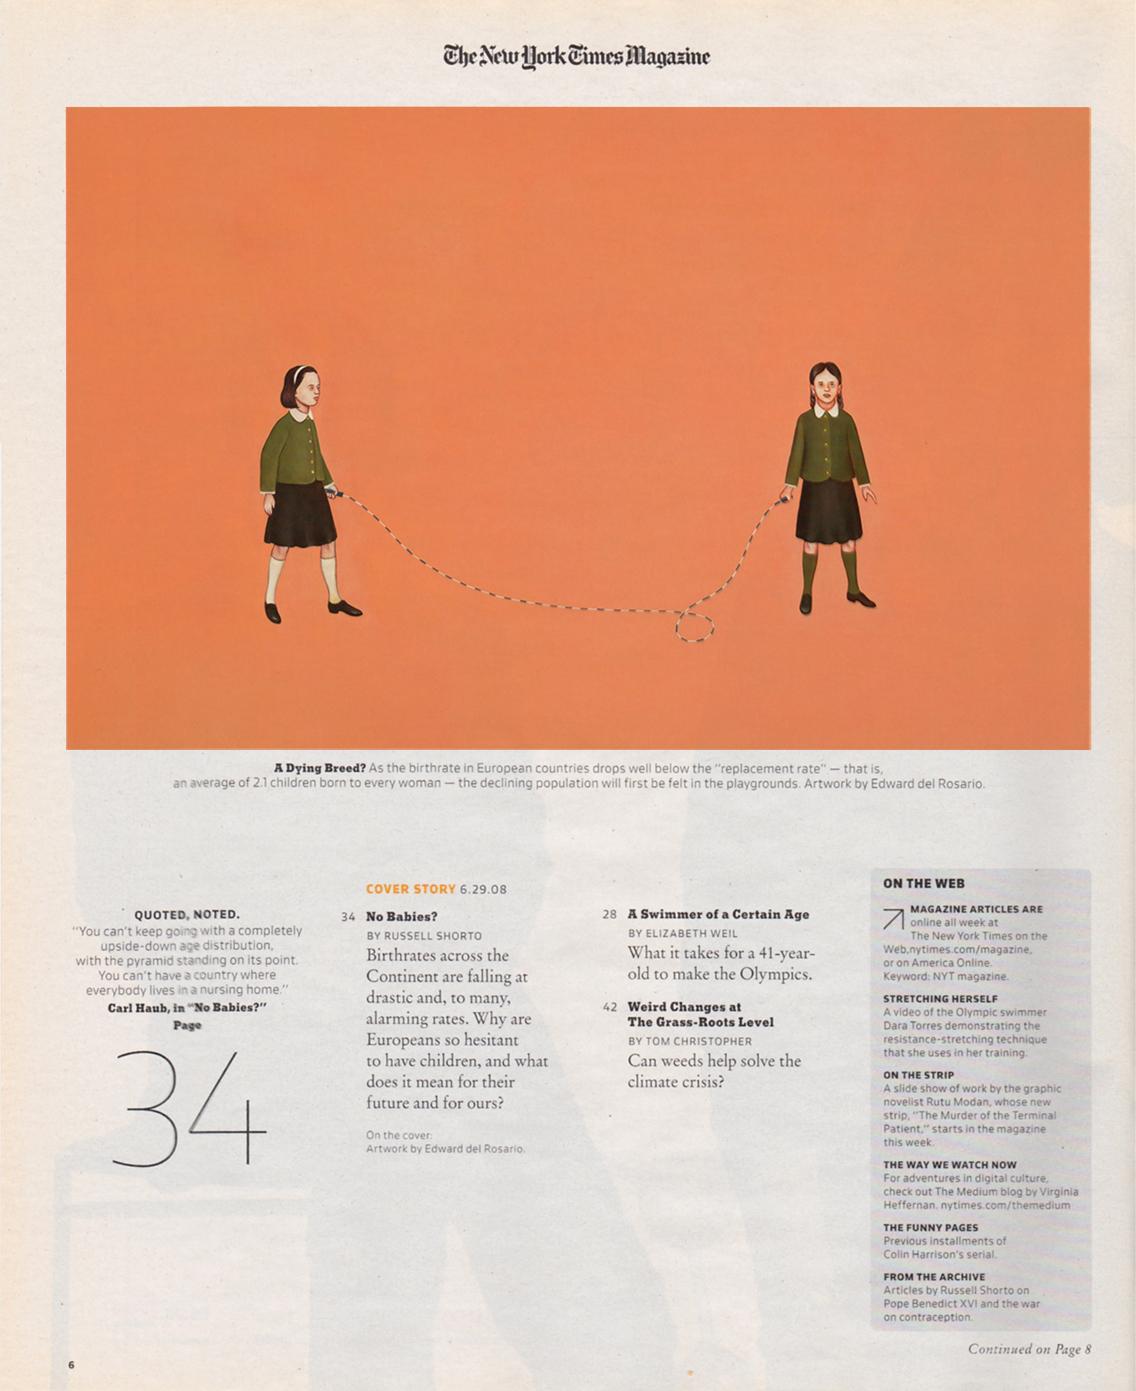 NYTimesMag_Inside_06_2008.jpg